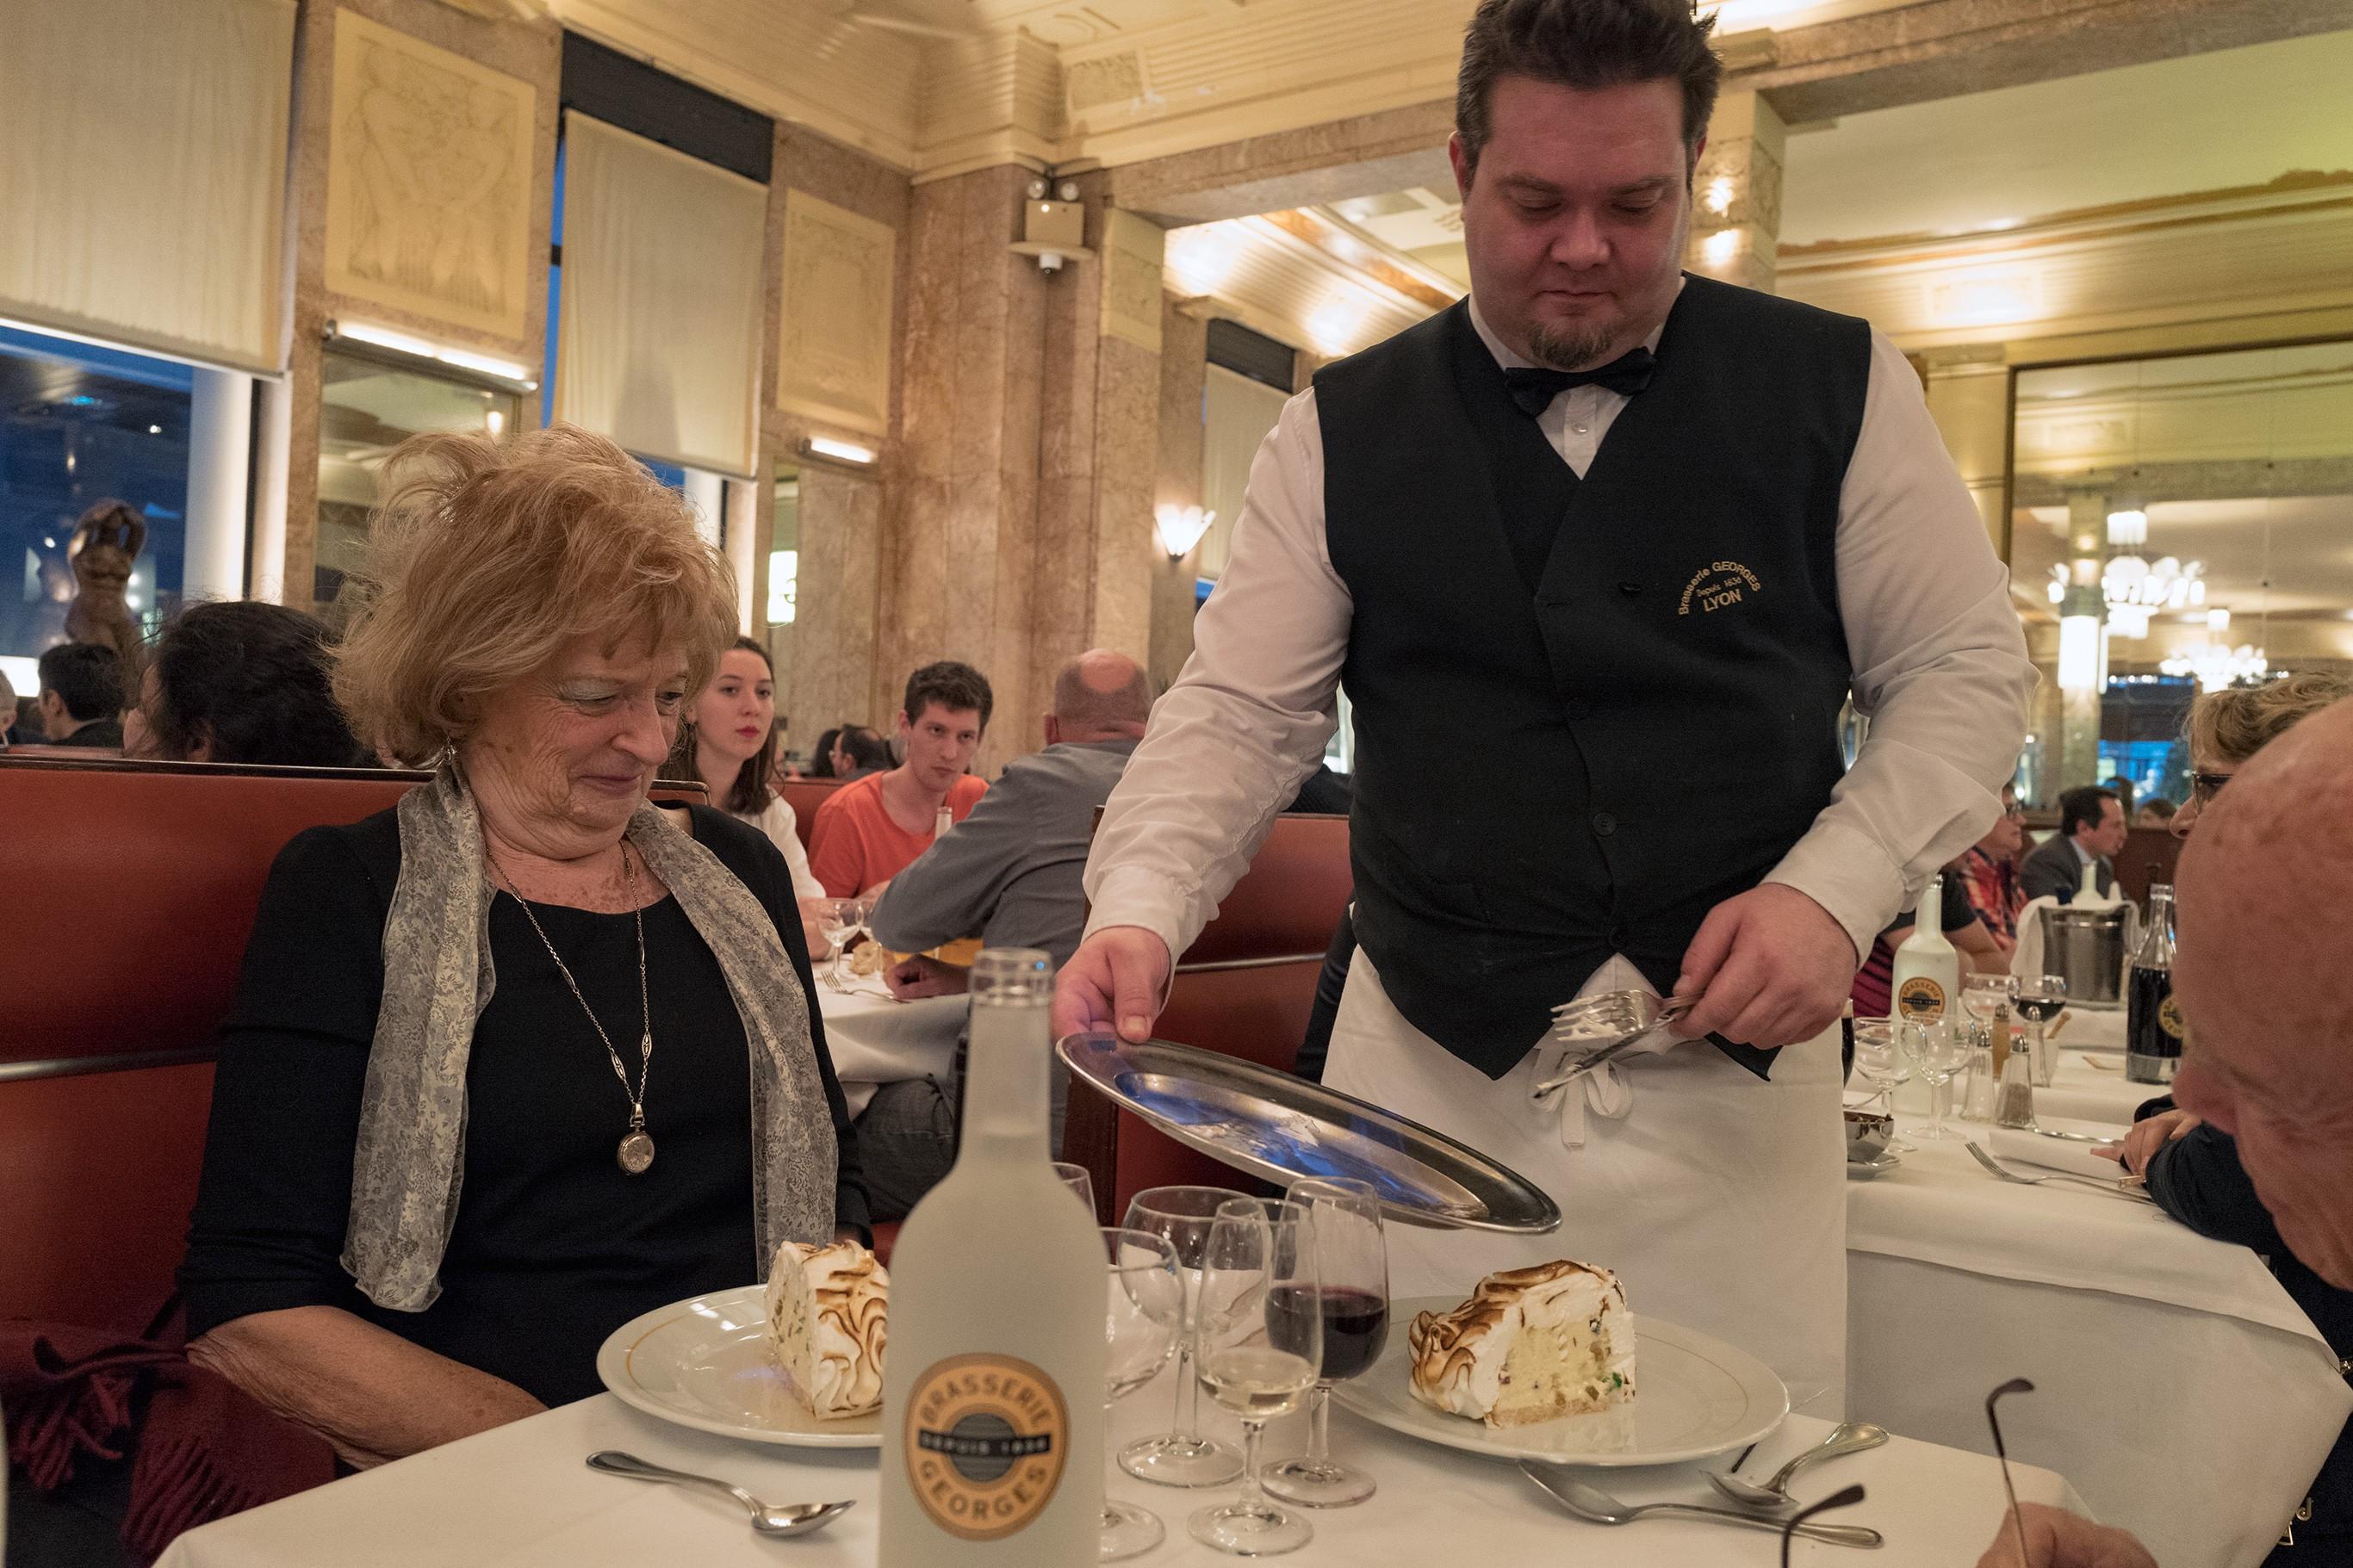 verjaardagsfeestje in brasserie Georges